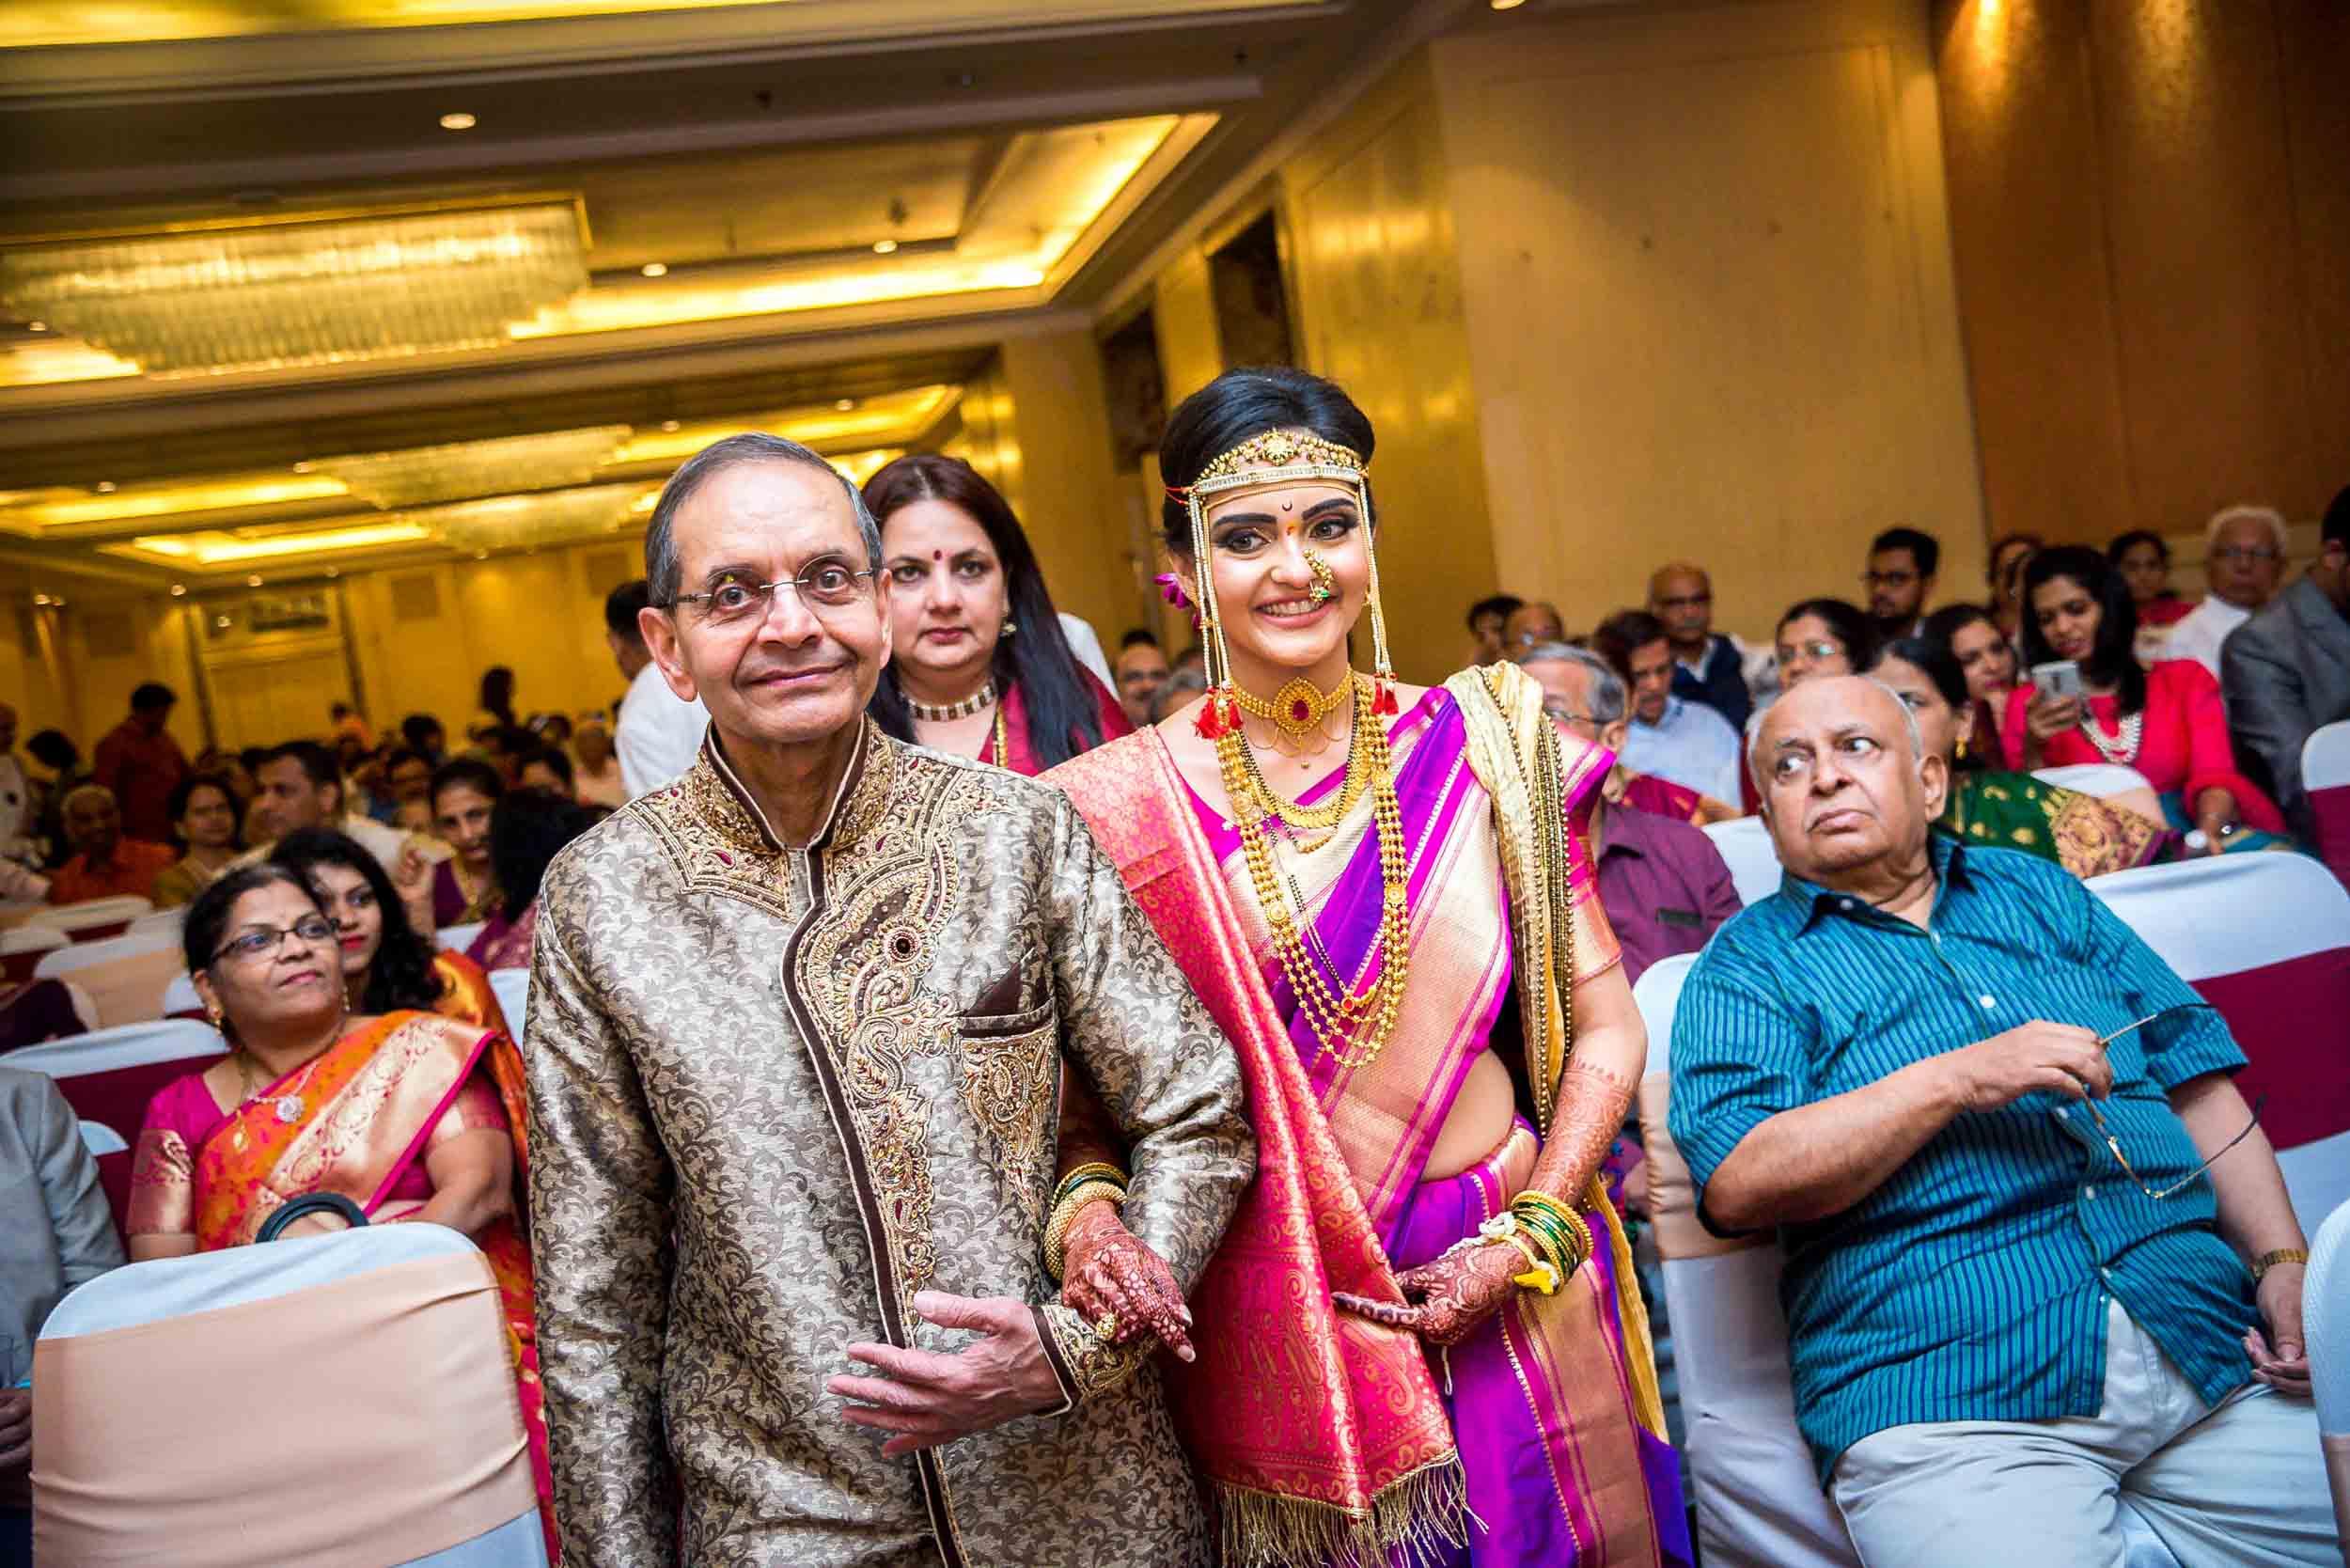 mumbai-pune-wedding-65.jpg